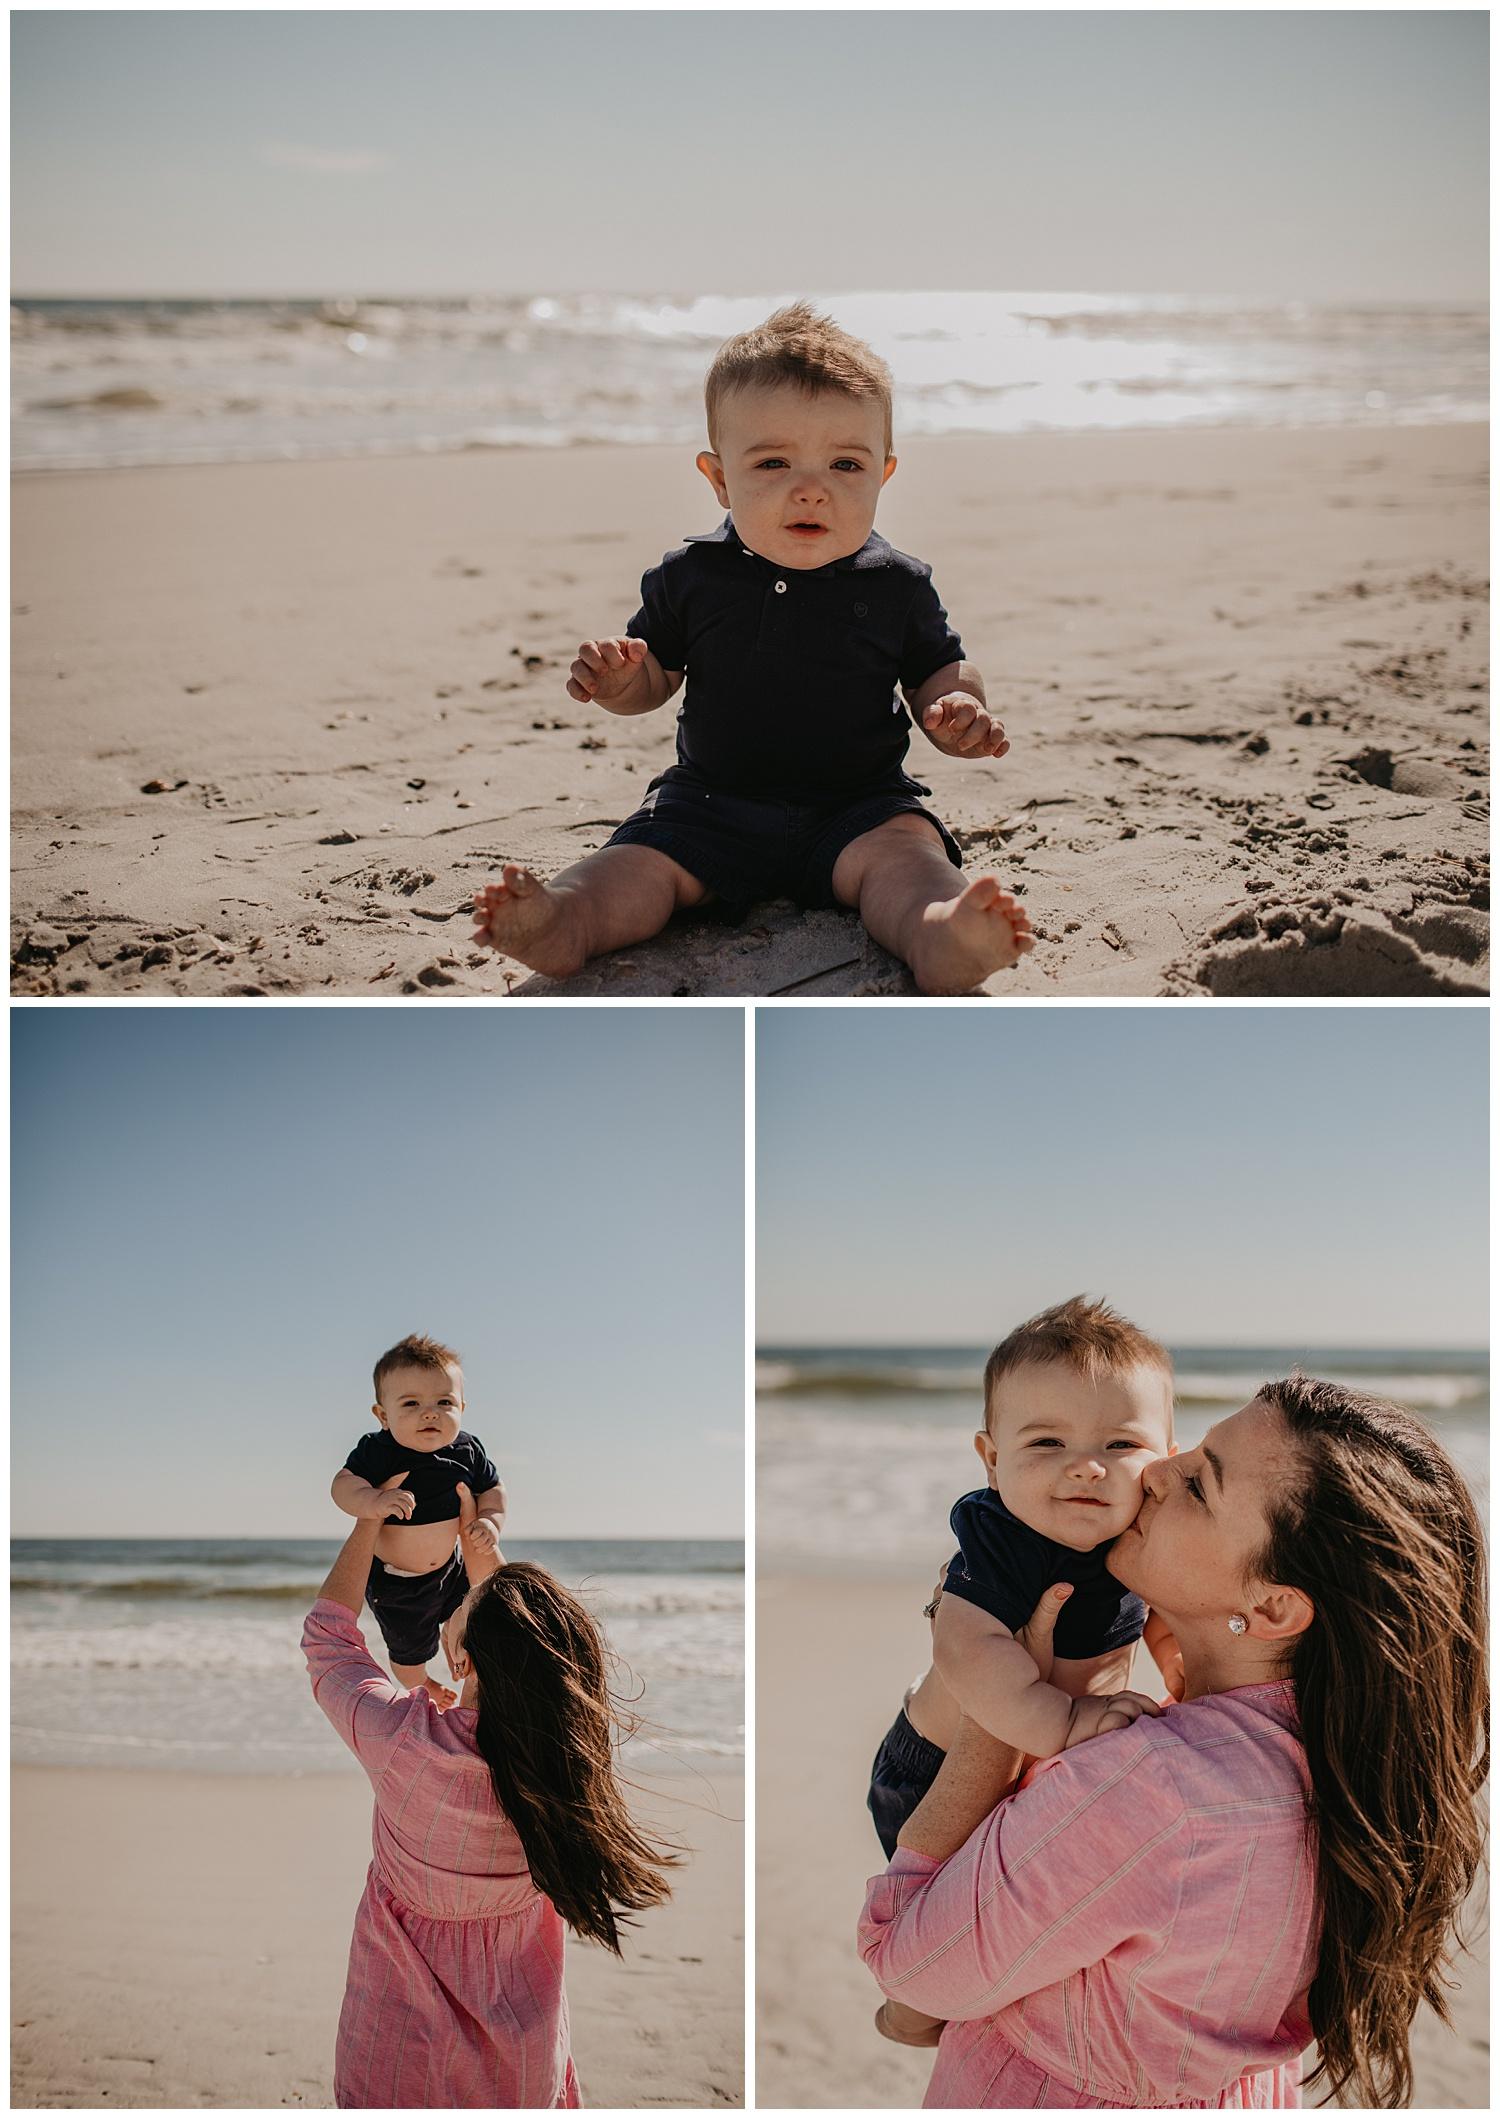 jacksonville-beach-family-session-jacksonville-beach-florida_0137.jpg